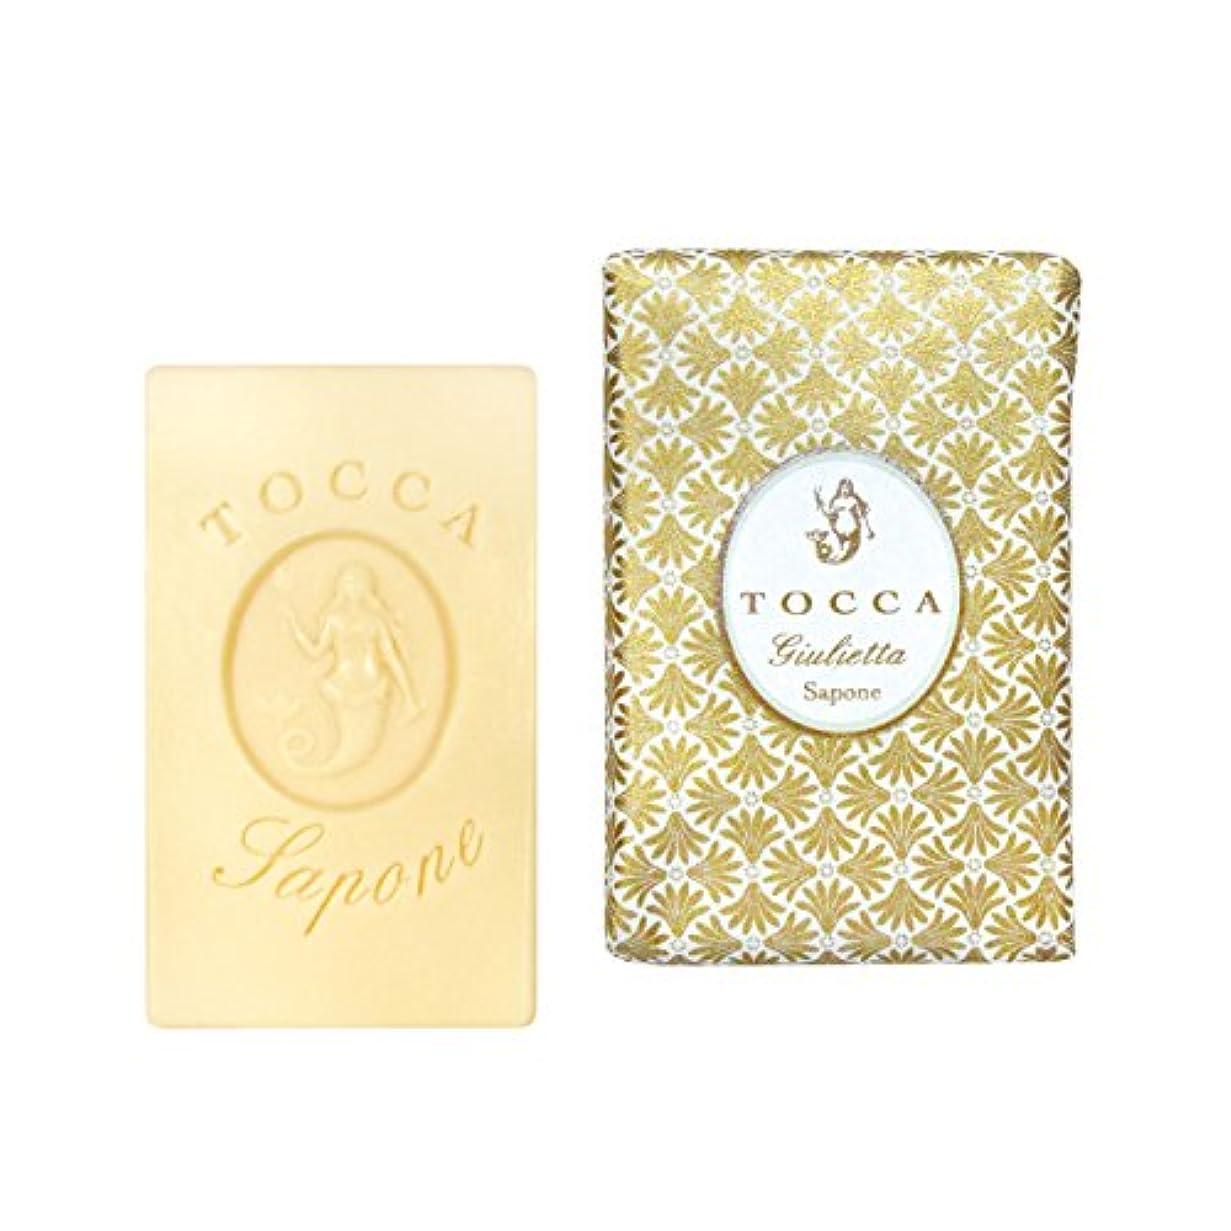 分析的な支店素敵なトッカ(TOCCA) ソープバー ジュリエッタの香り 113g(化粧石けん ピンクチューリップとグリーンアップルの爽やかで甘い香り)